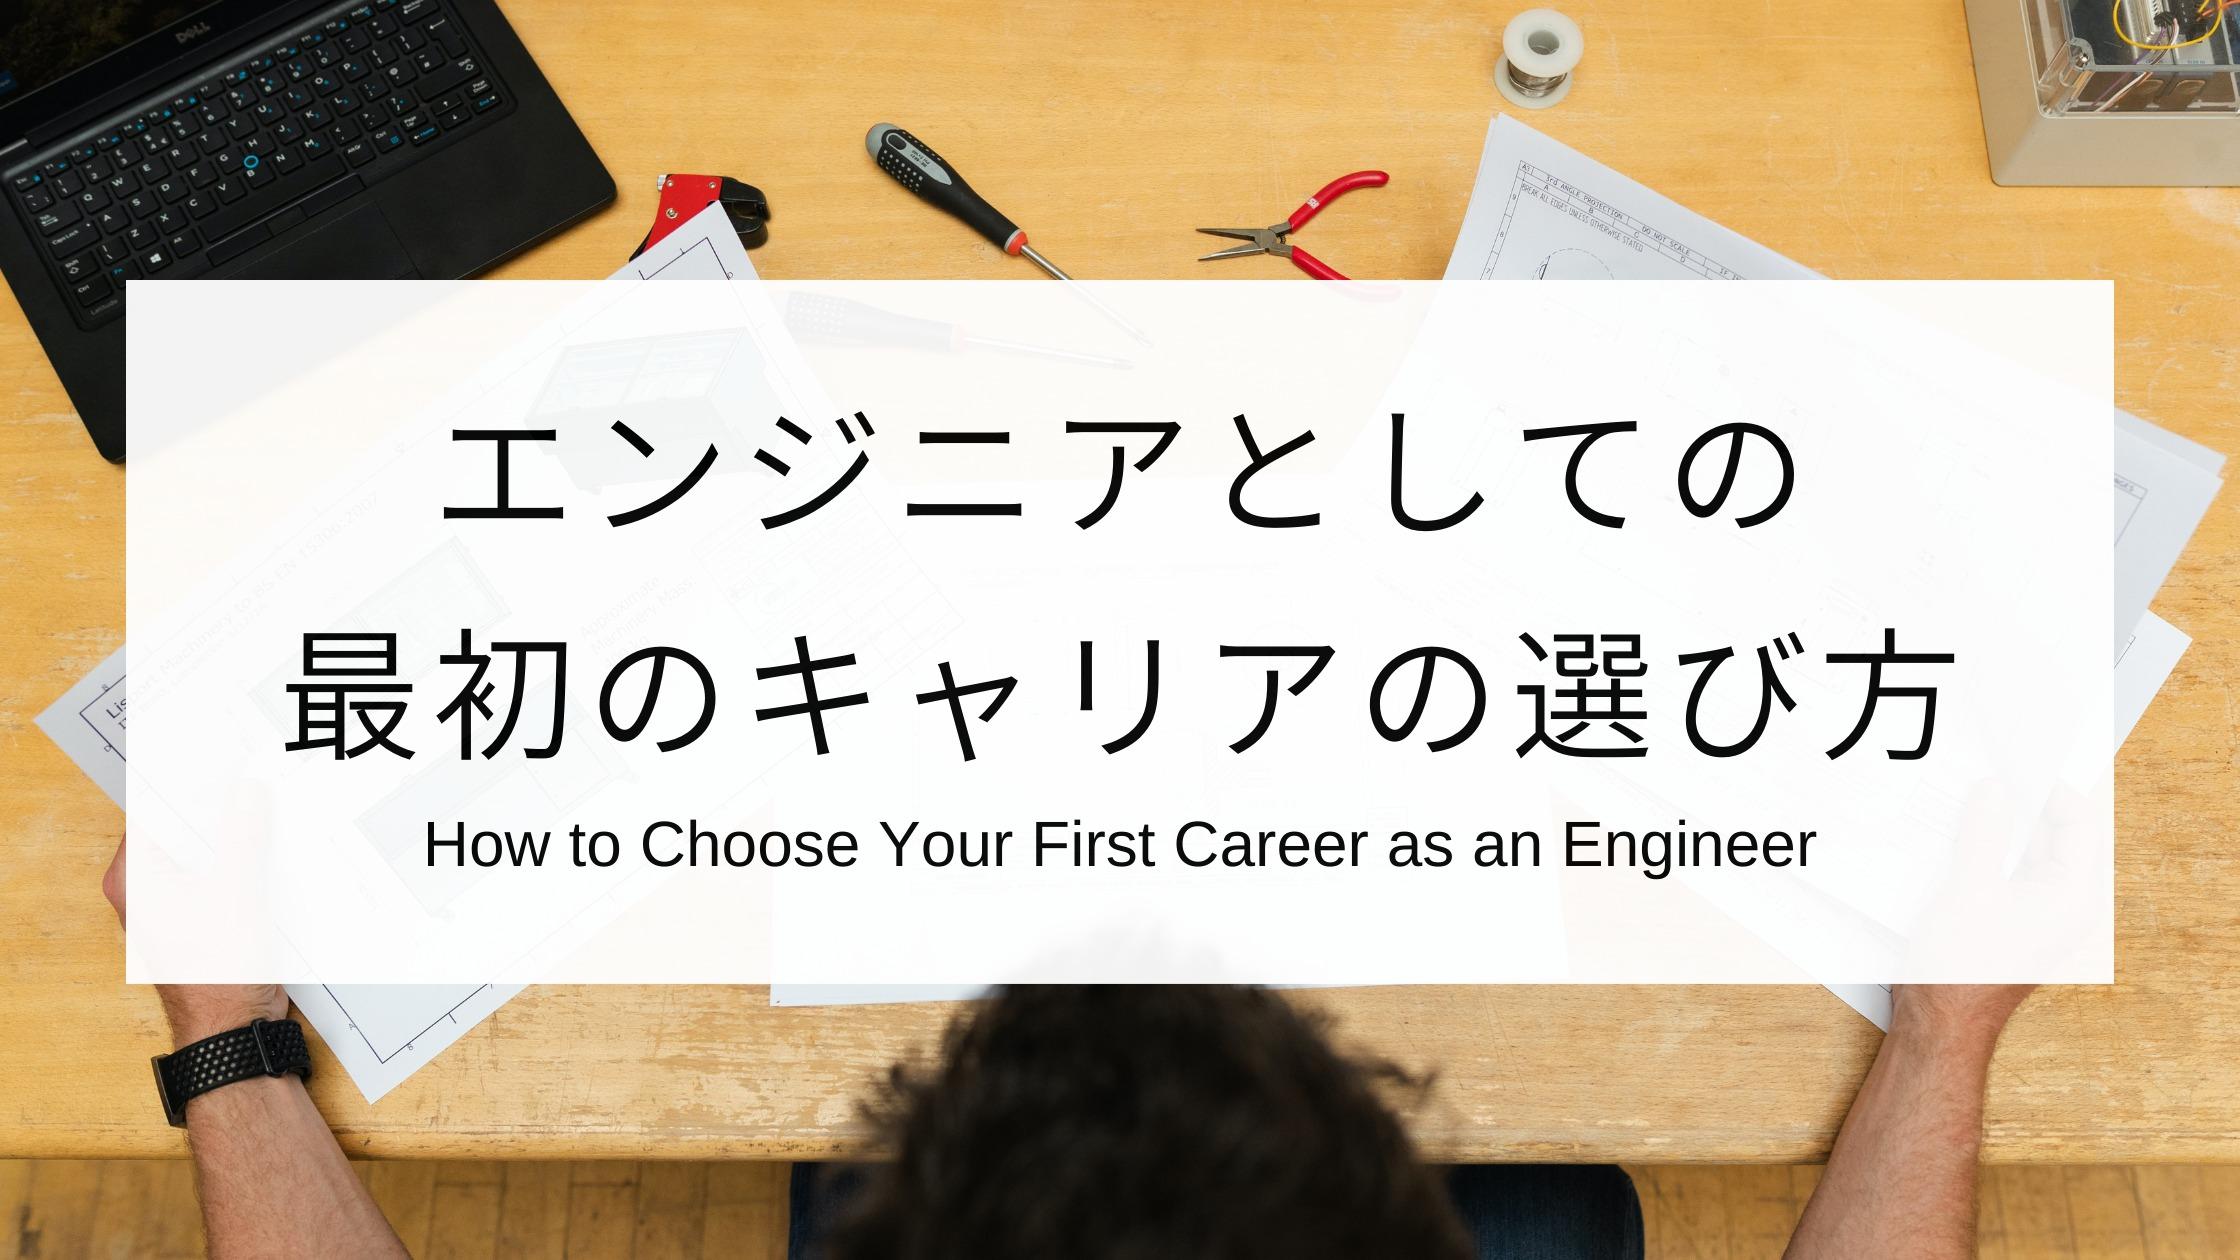 エンジニアとしての最初のキャリアの選び方